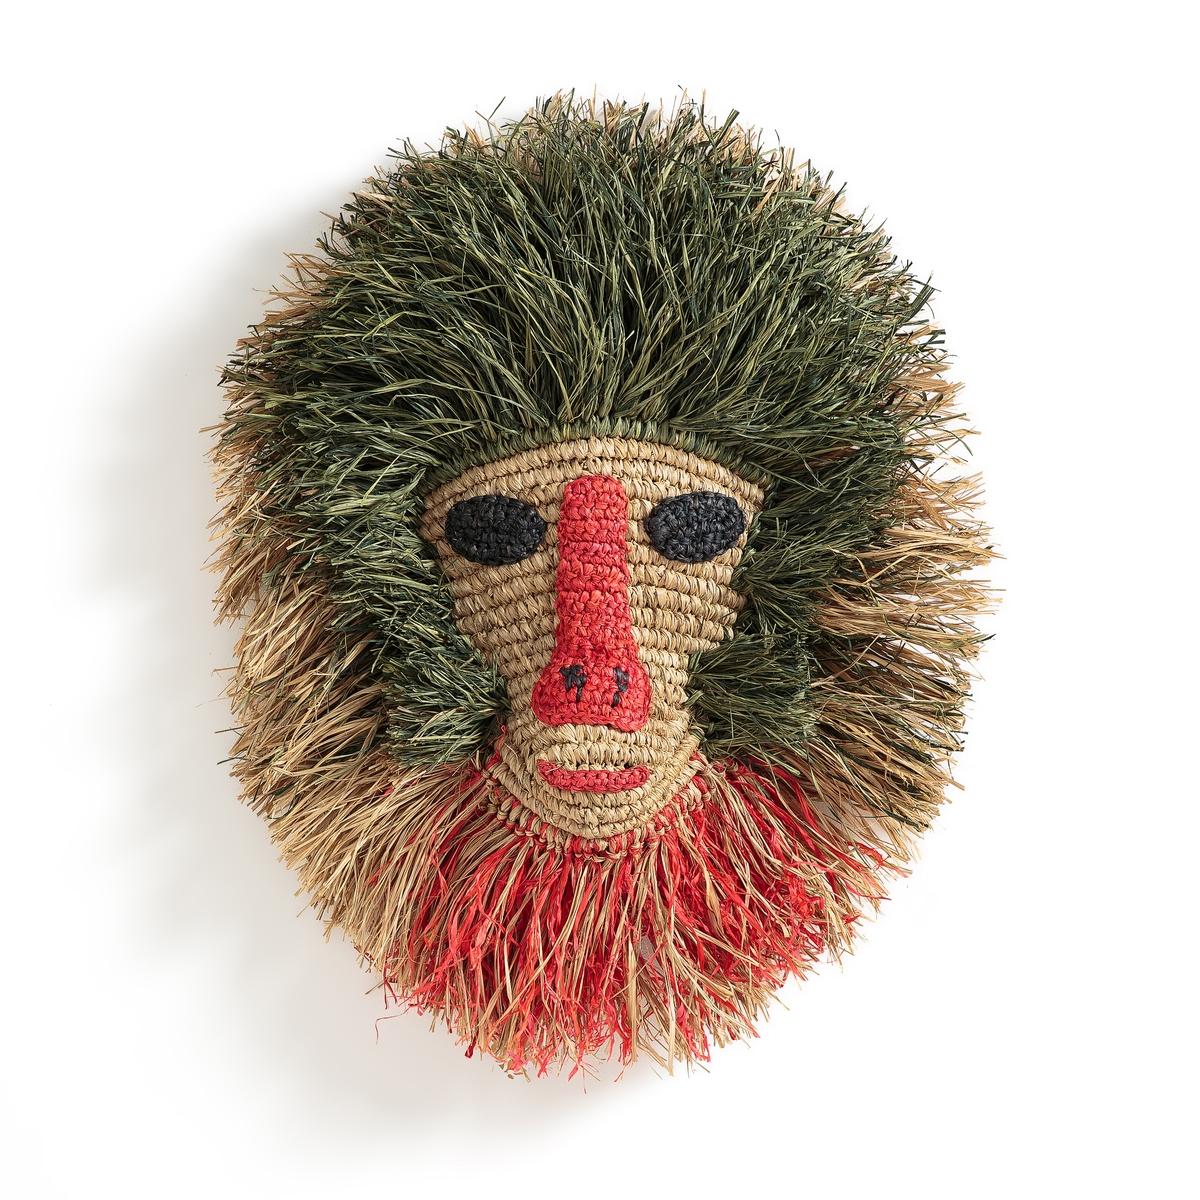 Украшение настенное в виде головы обезьяны Rudyard украшение декоративное homsu голова единорога 38 x 15 5 x 27 см